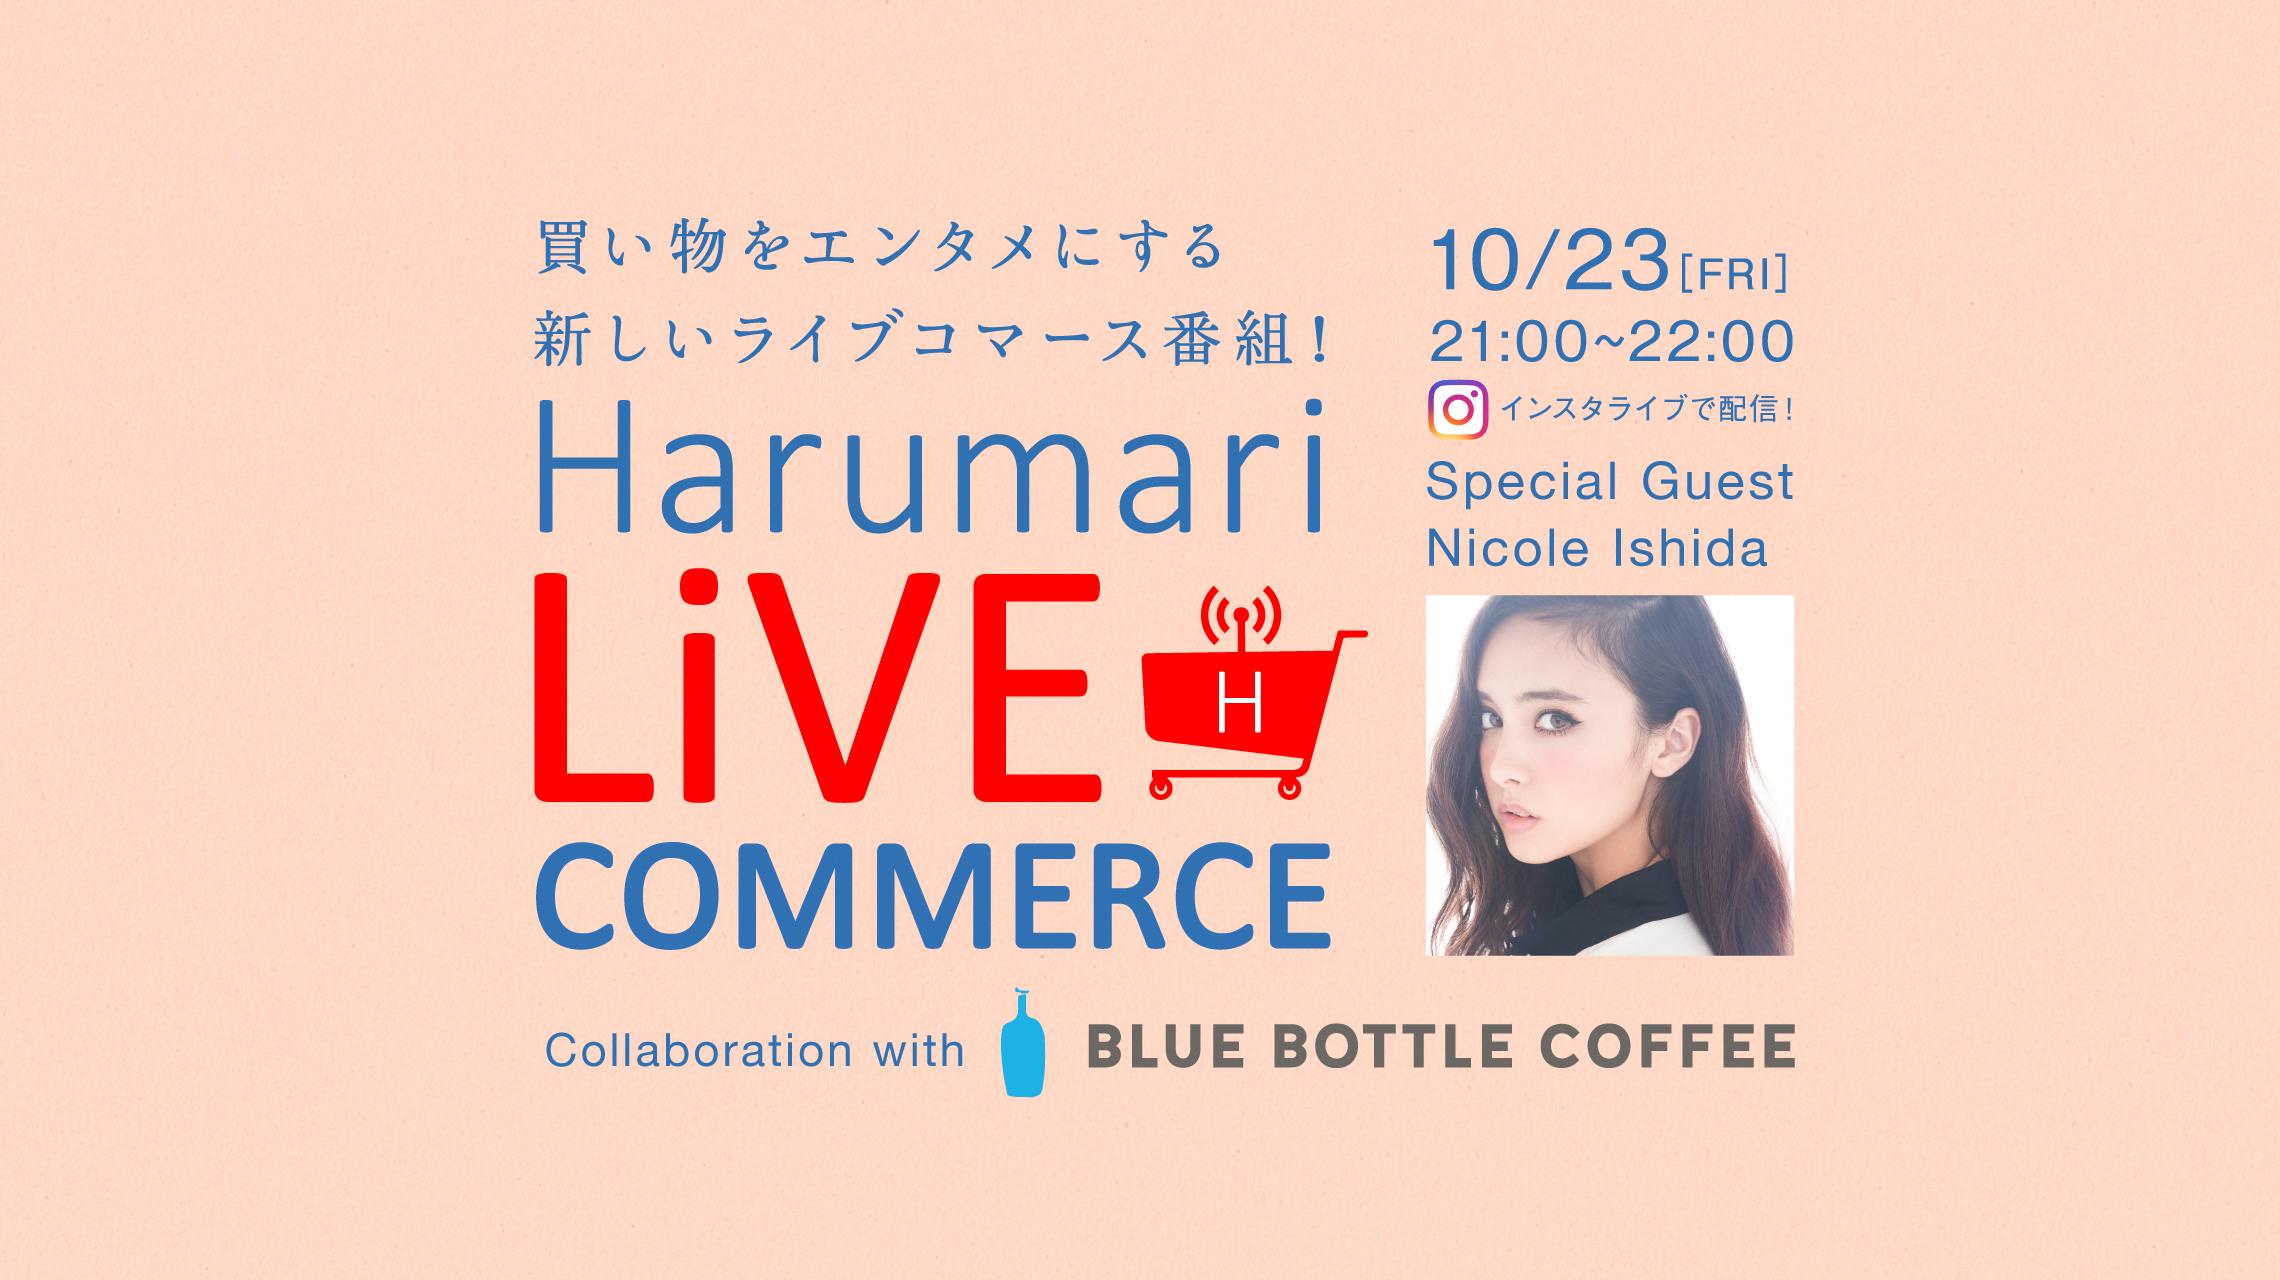 石田ニコルがブルーボトルコーヒーの魅力を提案。Harumariの買い物エンタメ番組が始動!